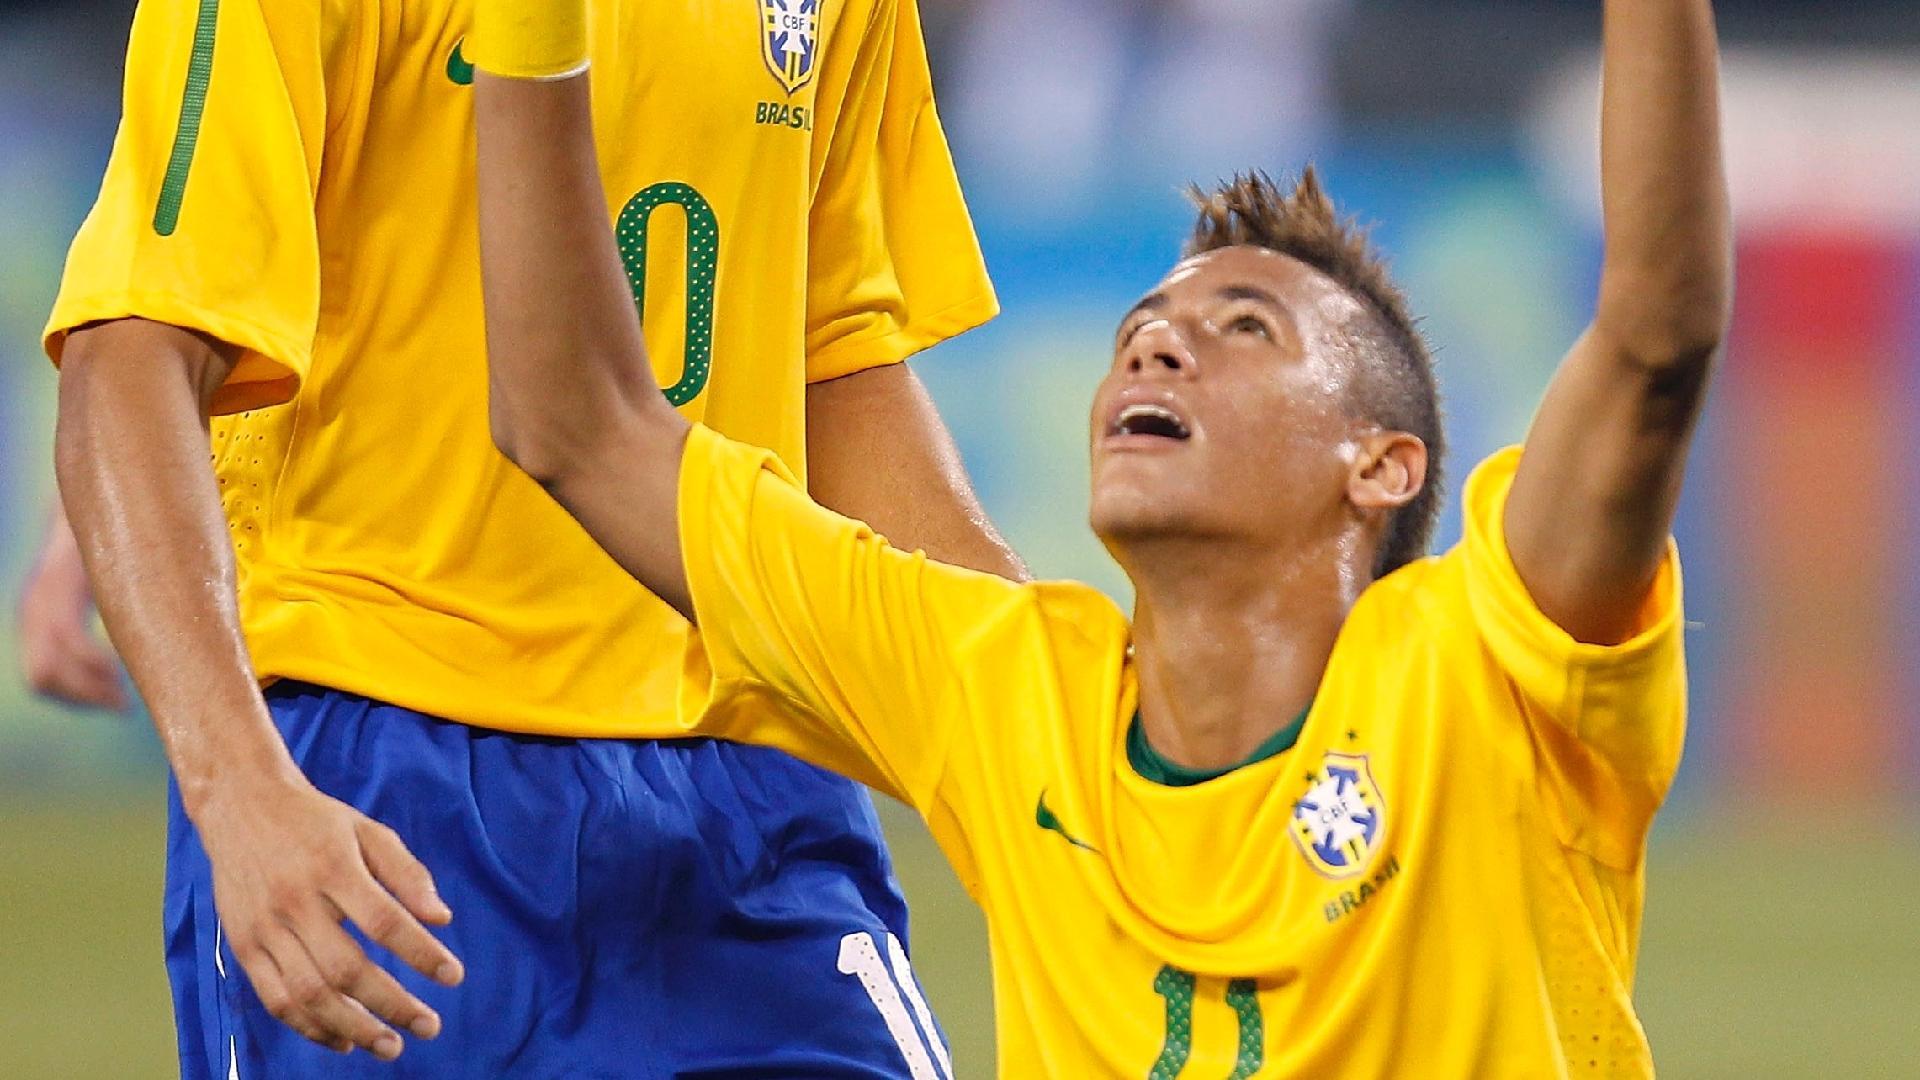 Ganso e Neymar comemoram gol da seleção brasileira contra os Estados Unidos, em 2010